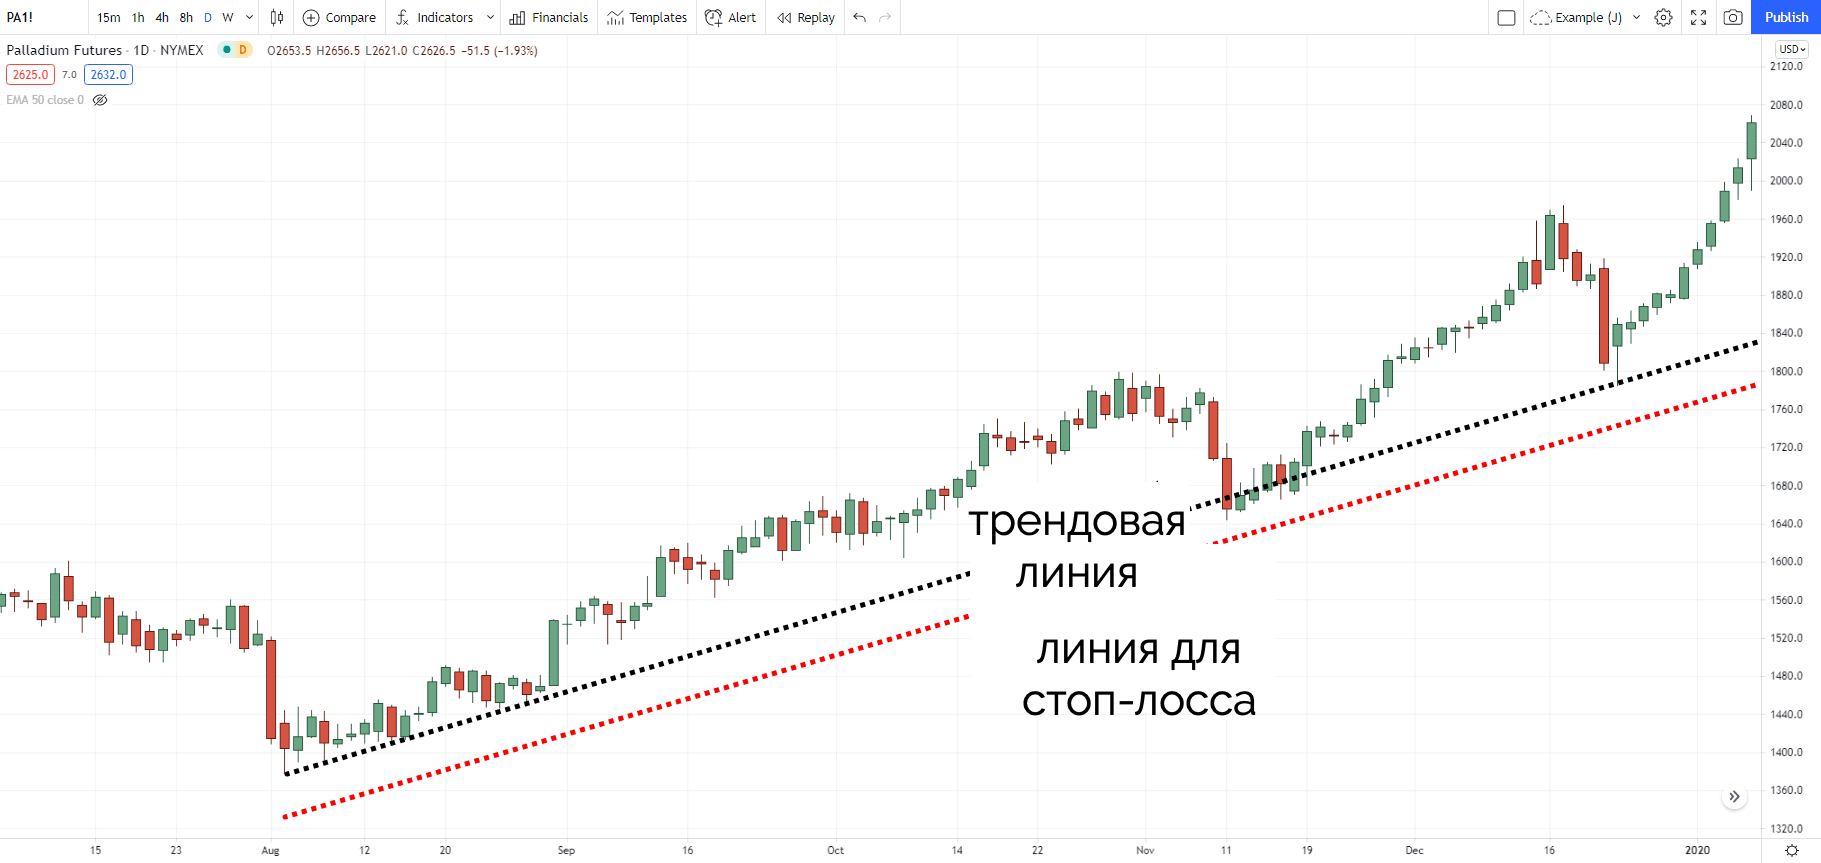 линия стоп-лосса